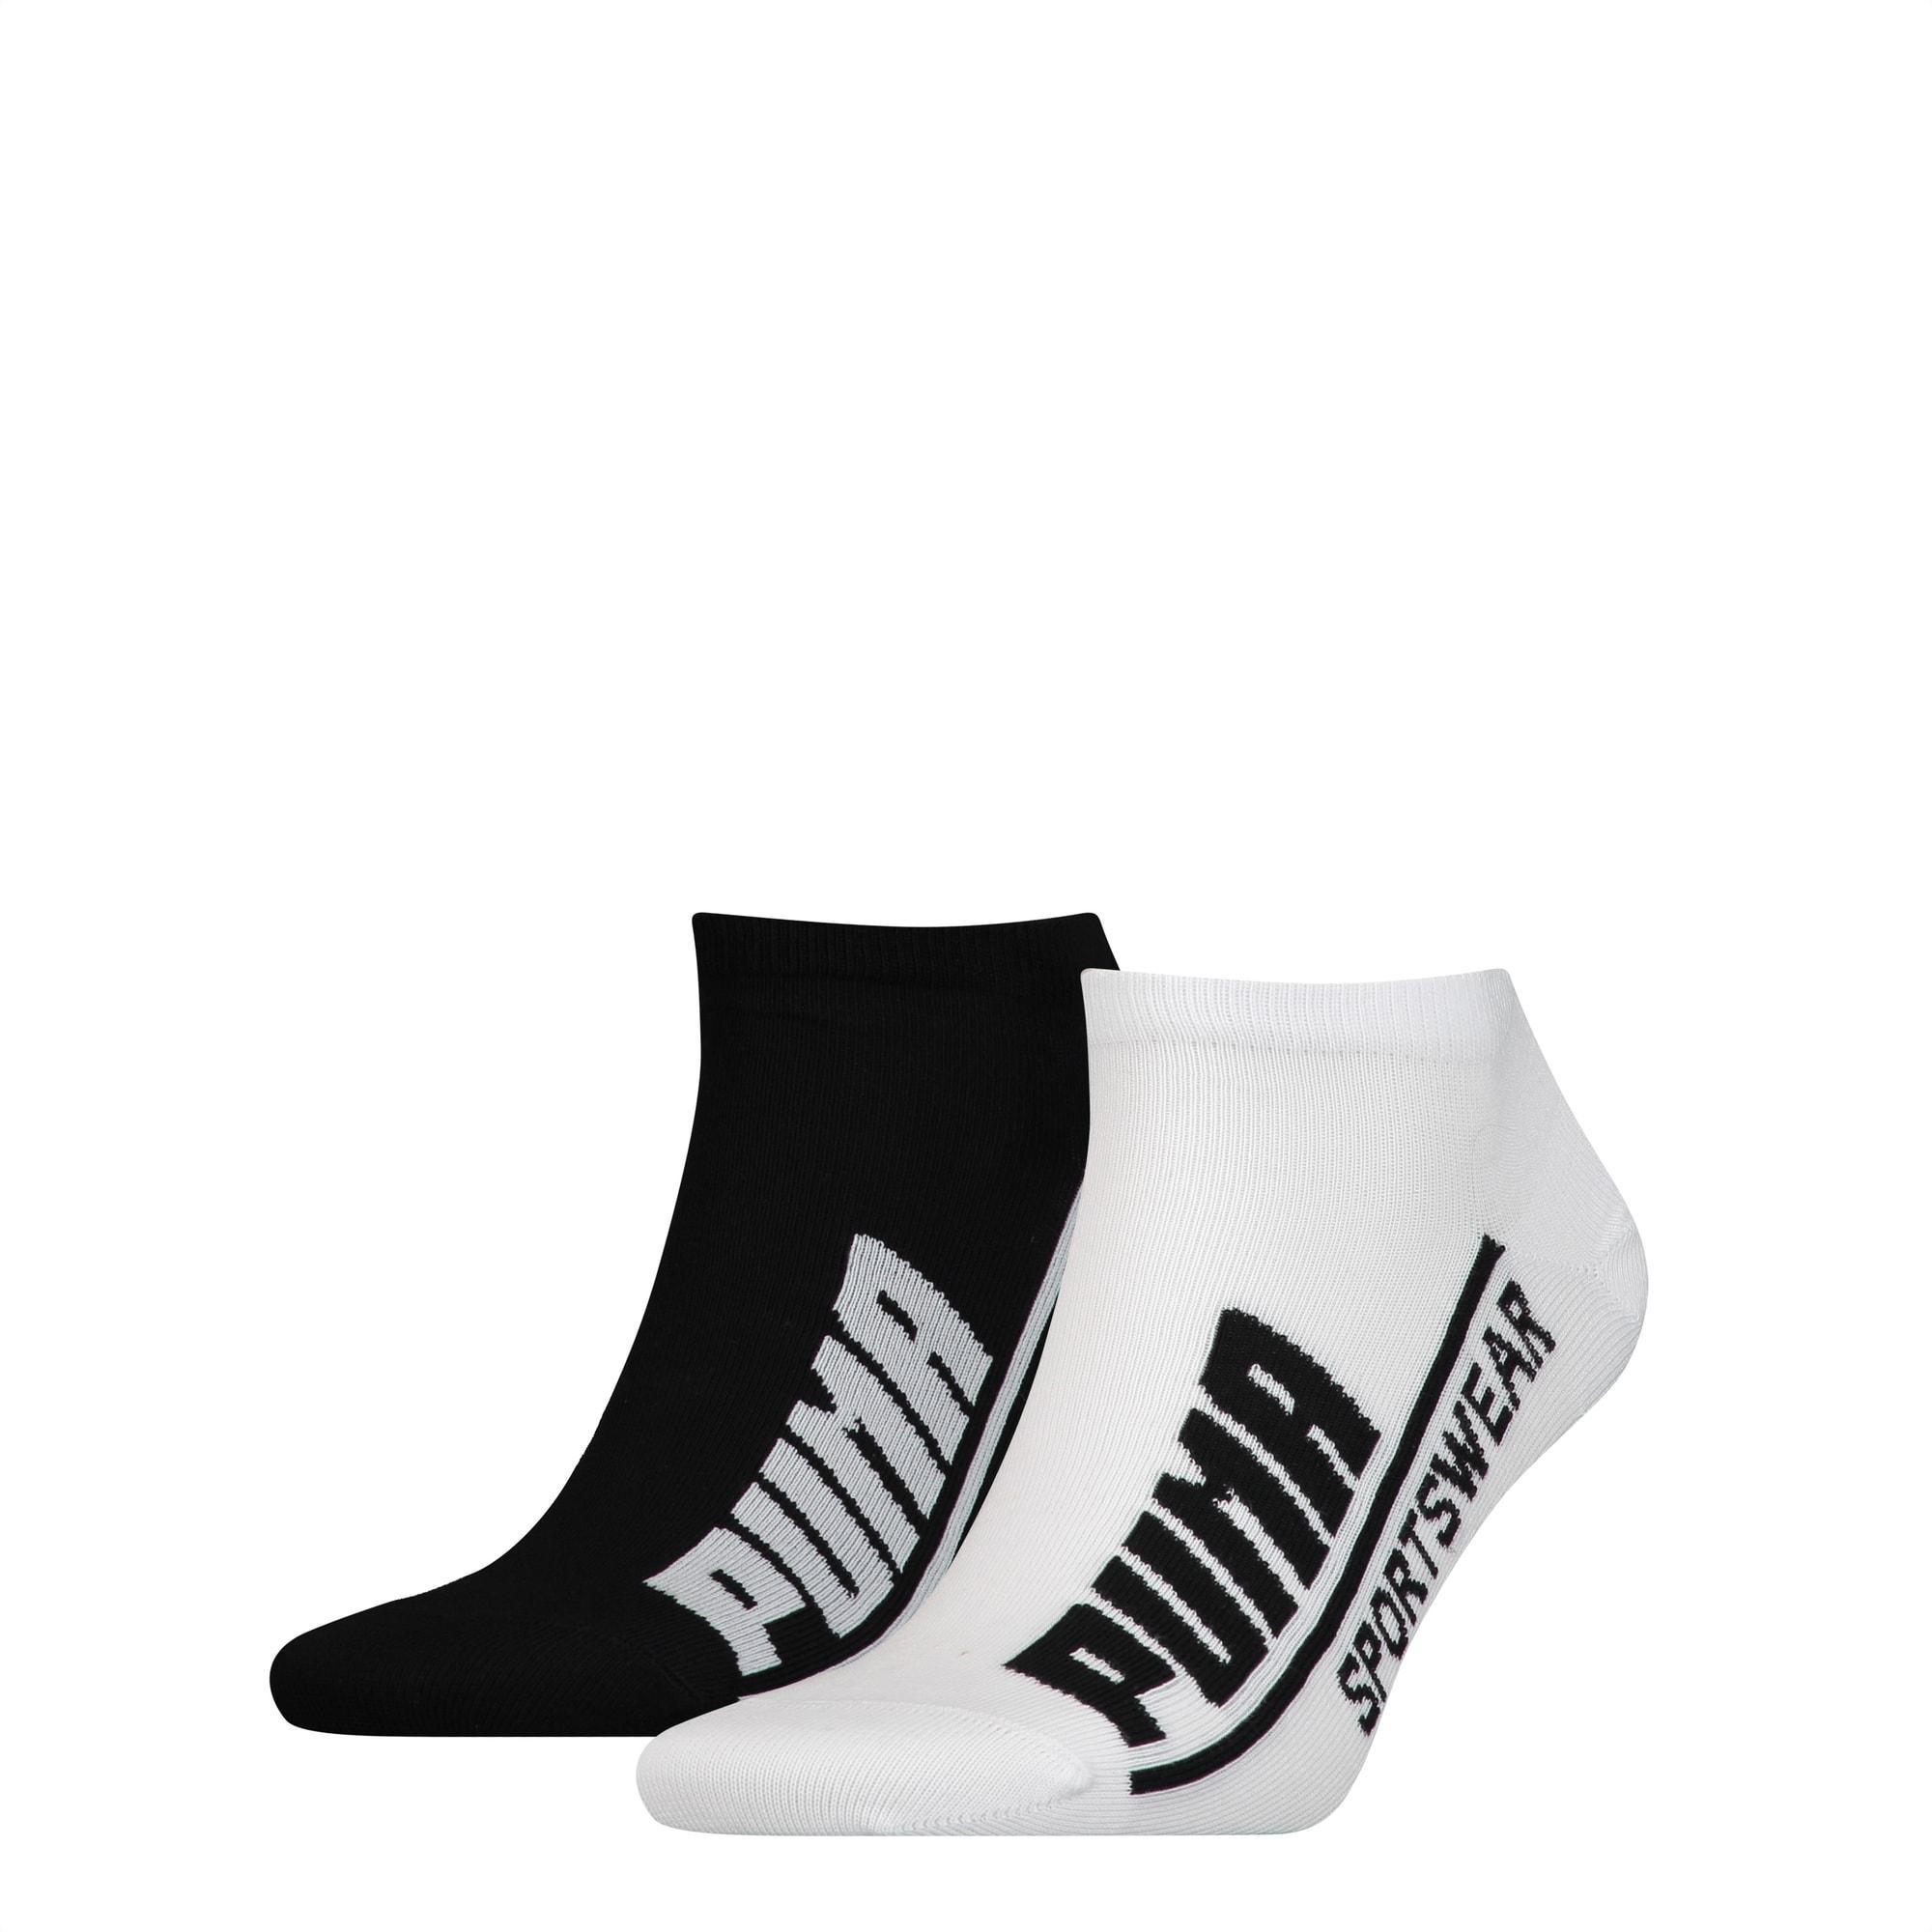 PUMA Logo Herren Sneaker Socken 2er Pack | black / white | PUMA